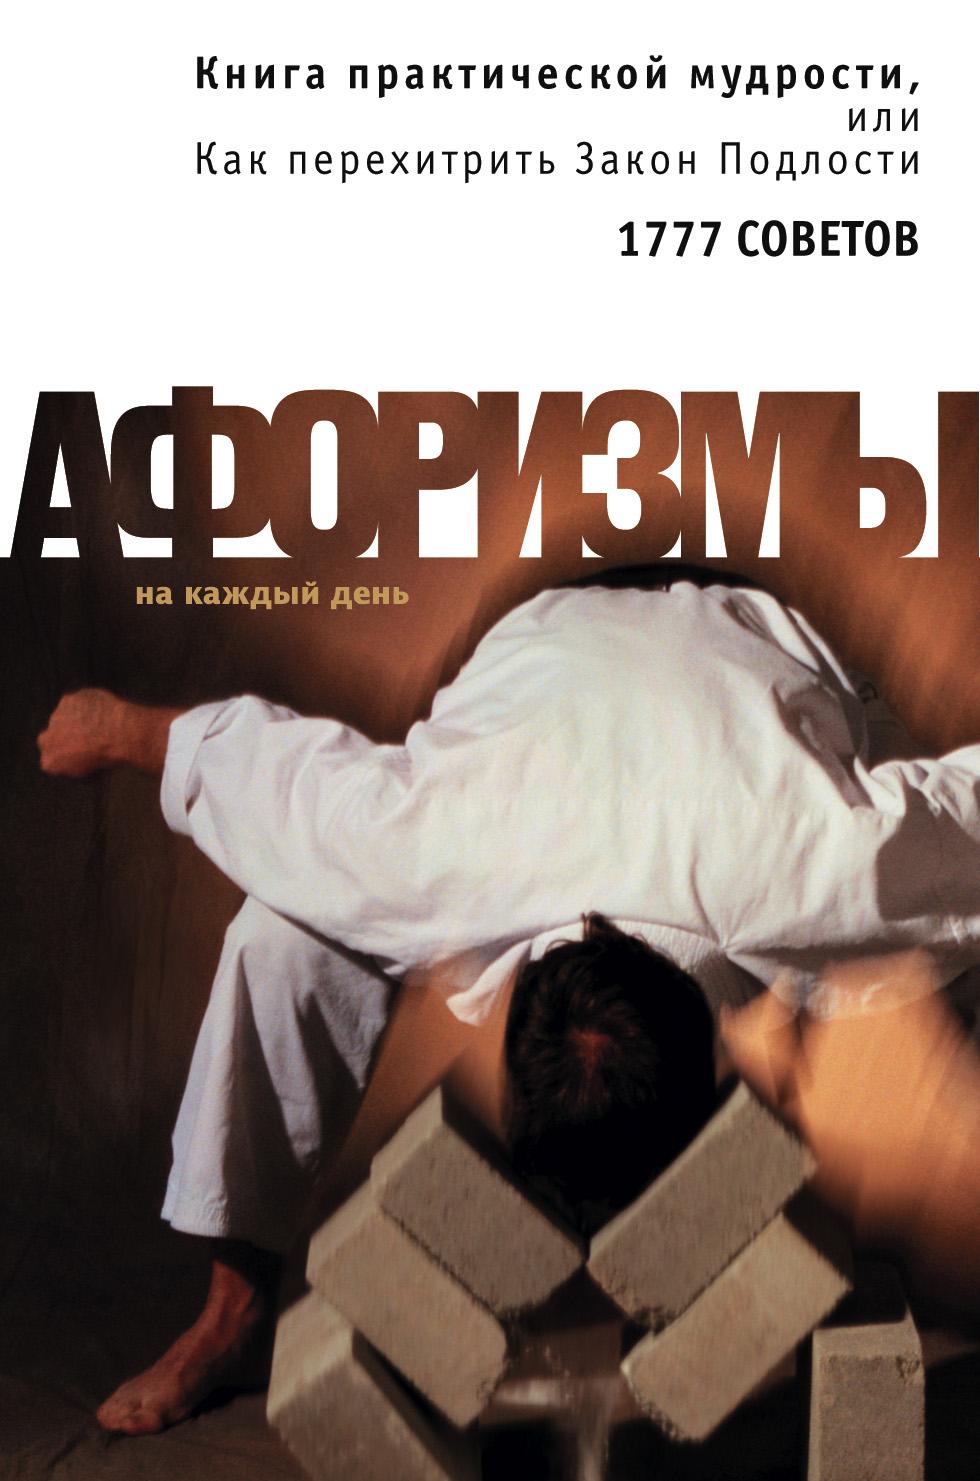 Константин Душенко Книга практической мудрости, или Как перехитрить Закон Подлости